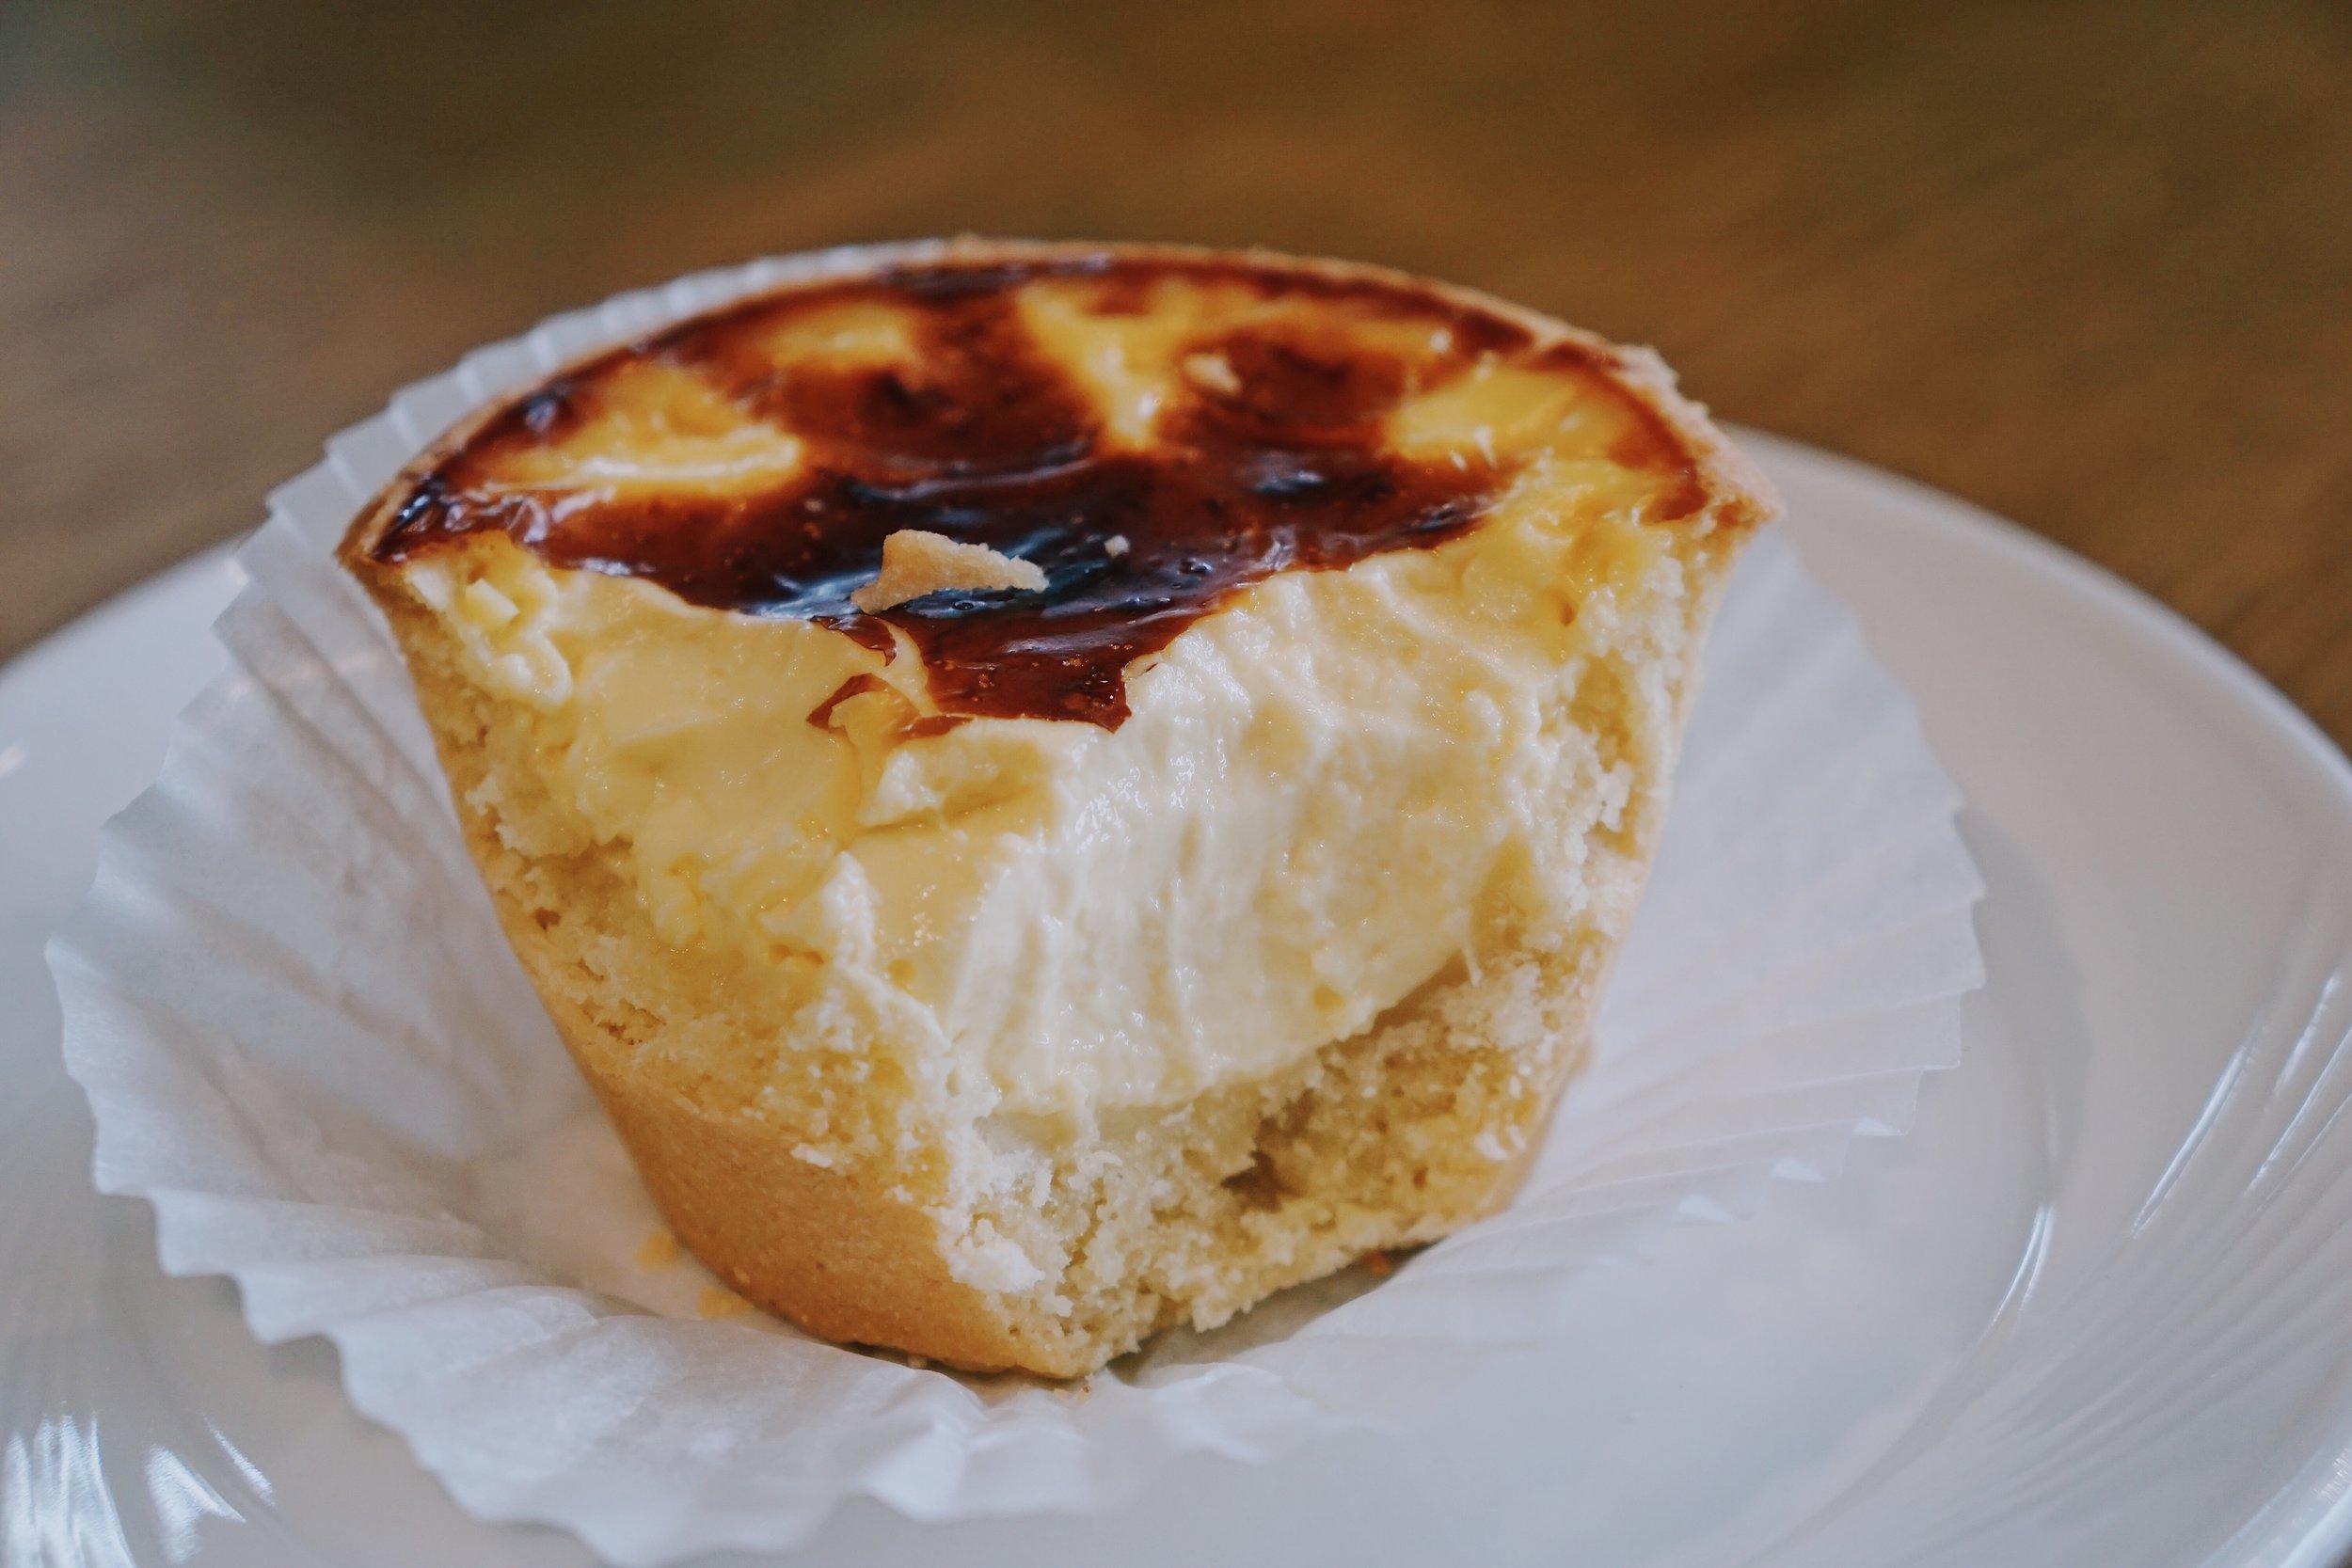 A bakery classic and fail-safe option: egg custard tarts.